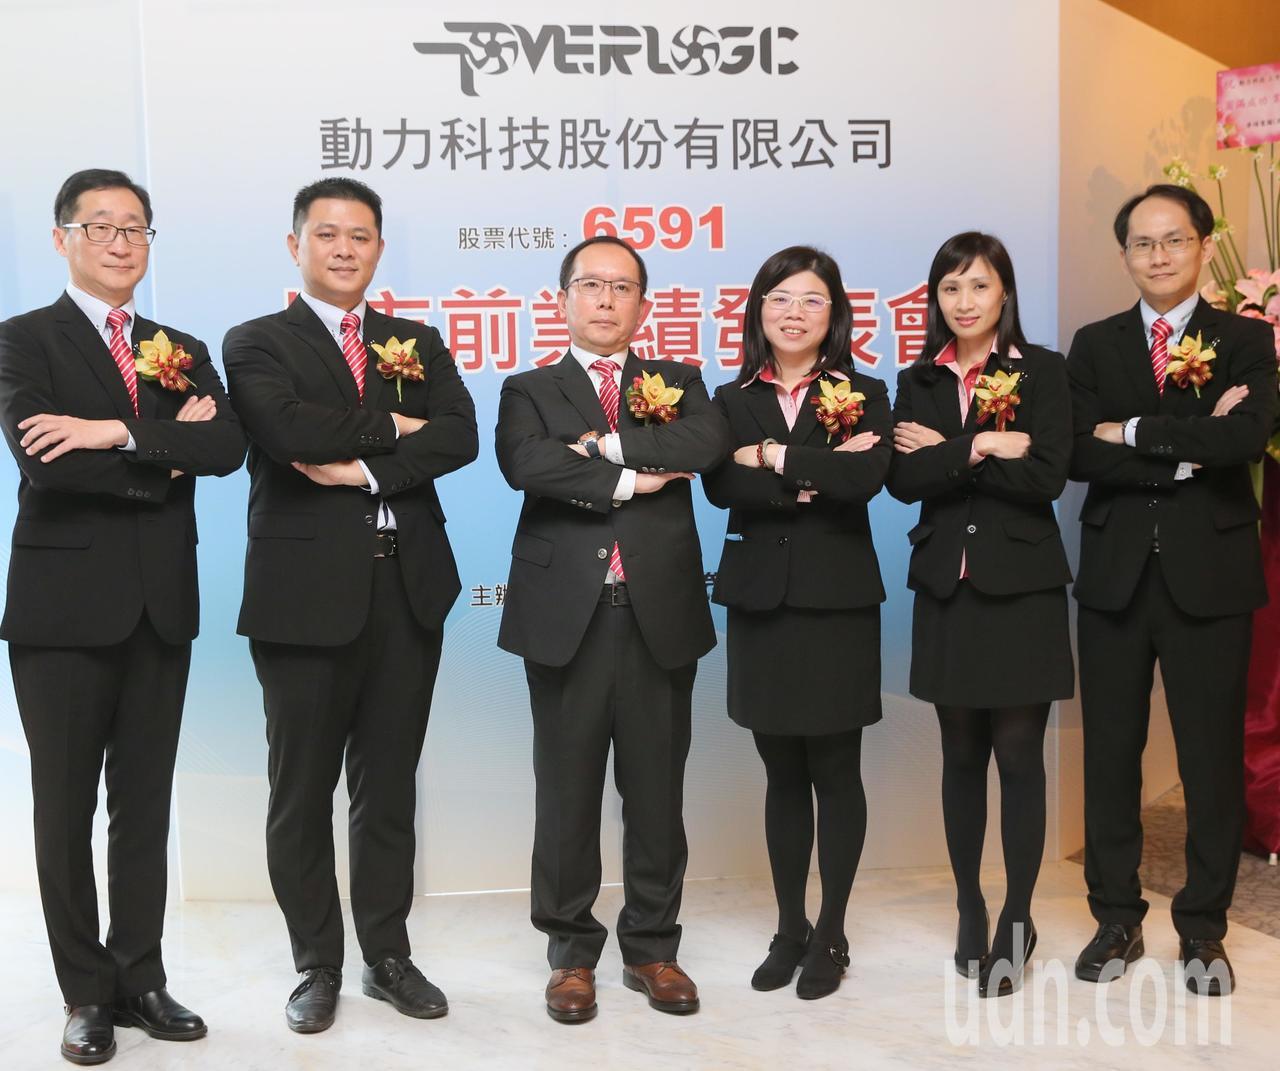 動力科技股份有限公司董事長許文昉(左三),舉辦上市前業績發表會,他帶領著經營管理...